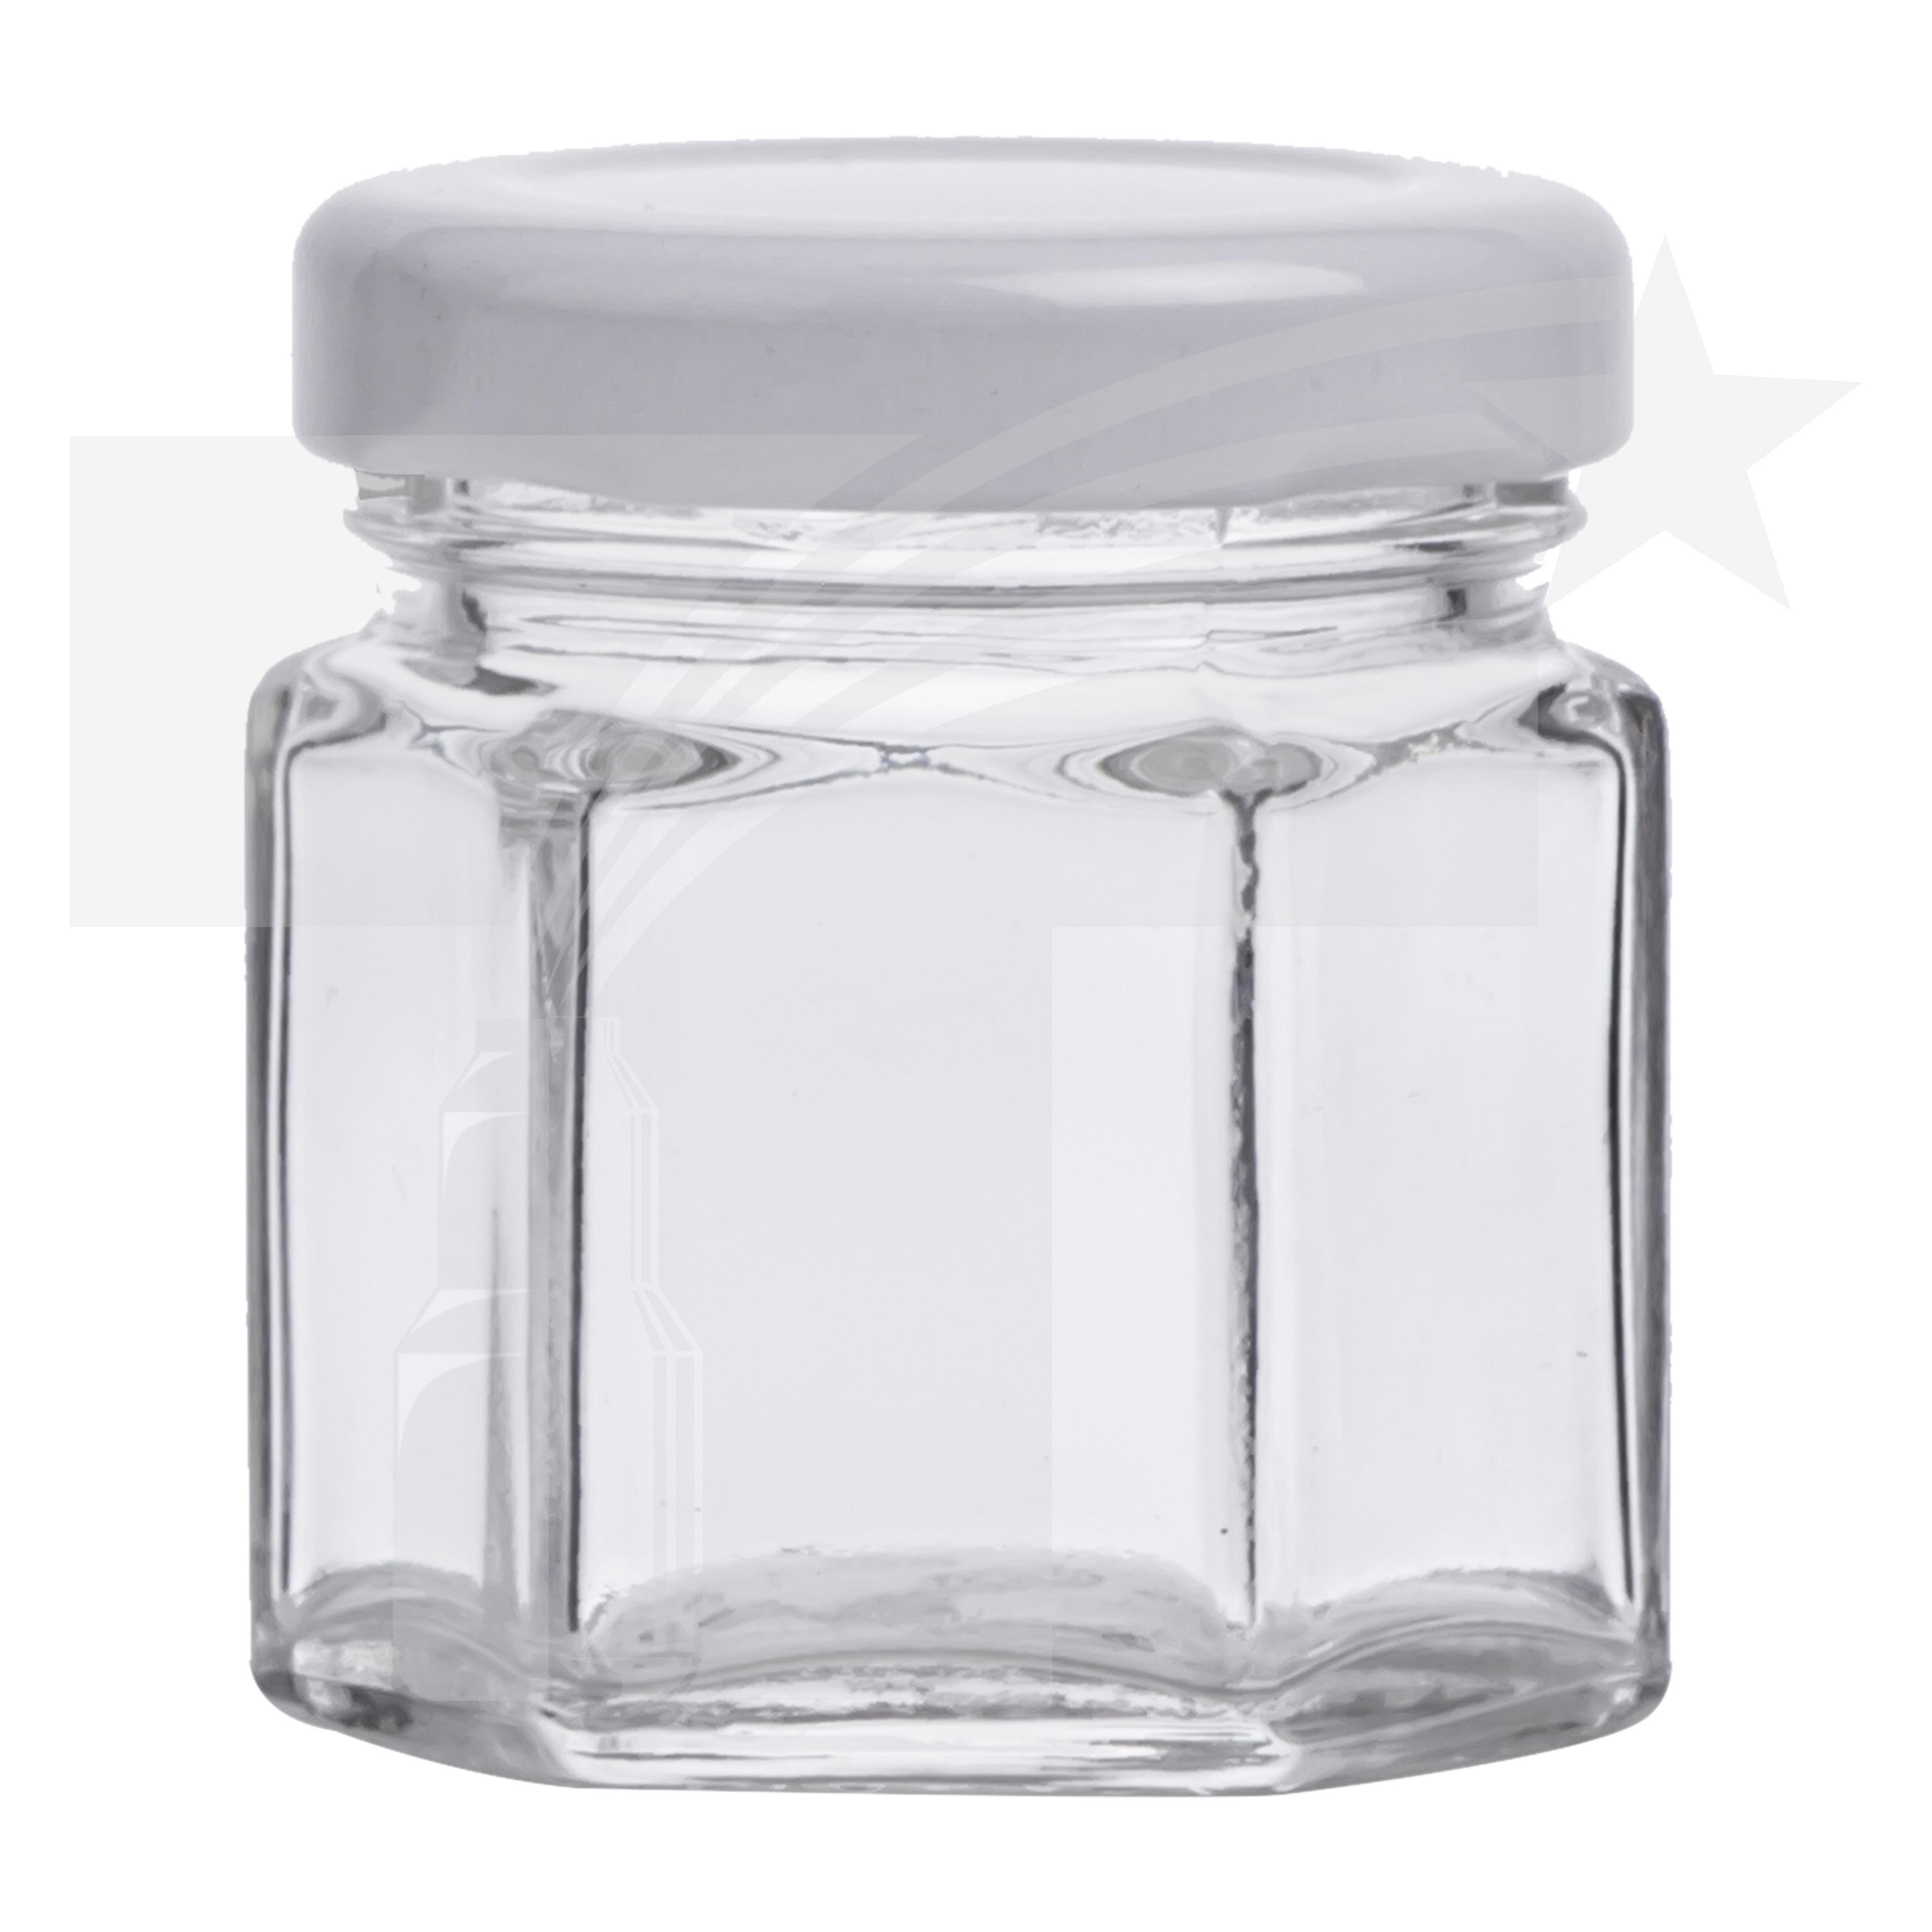 tarro vidrio hexagonal 50 ml r 43 con tapa metlica blanca - Tarros De Vidrio